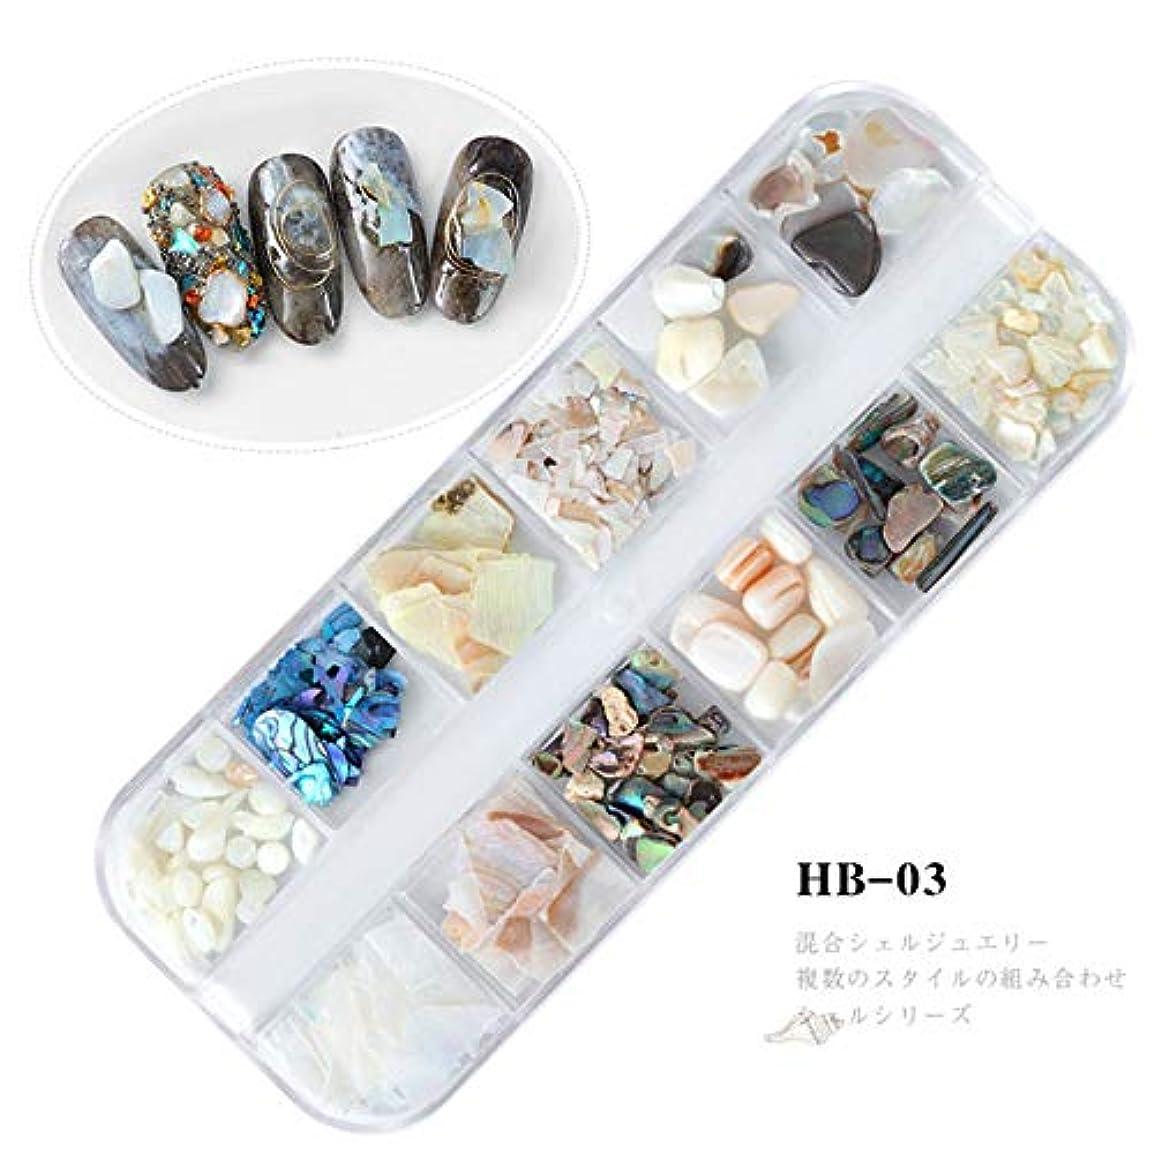 そのようなエージェント反応する1箱ミックス自然の海シェルアワビのスライスグラデーション砕石3Dネイルアートの装飾UVジェルデザインマニキュアアクセサリー,3